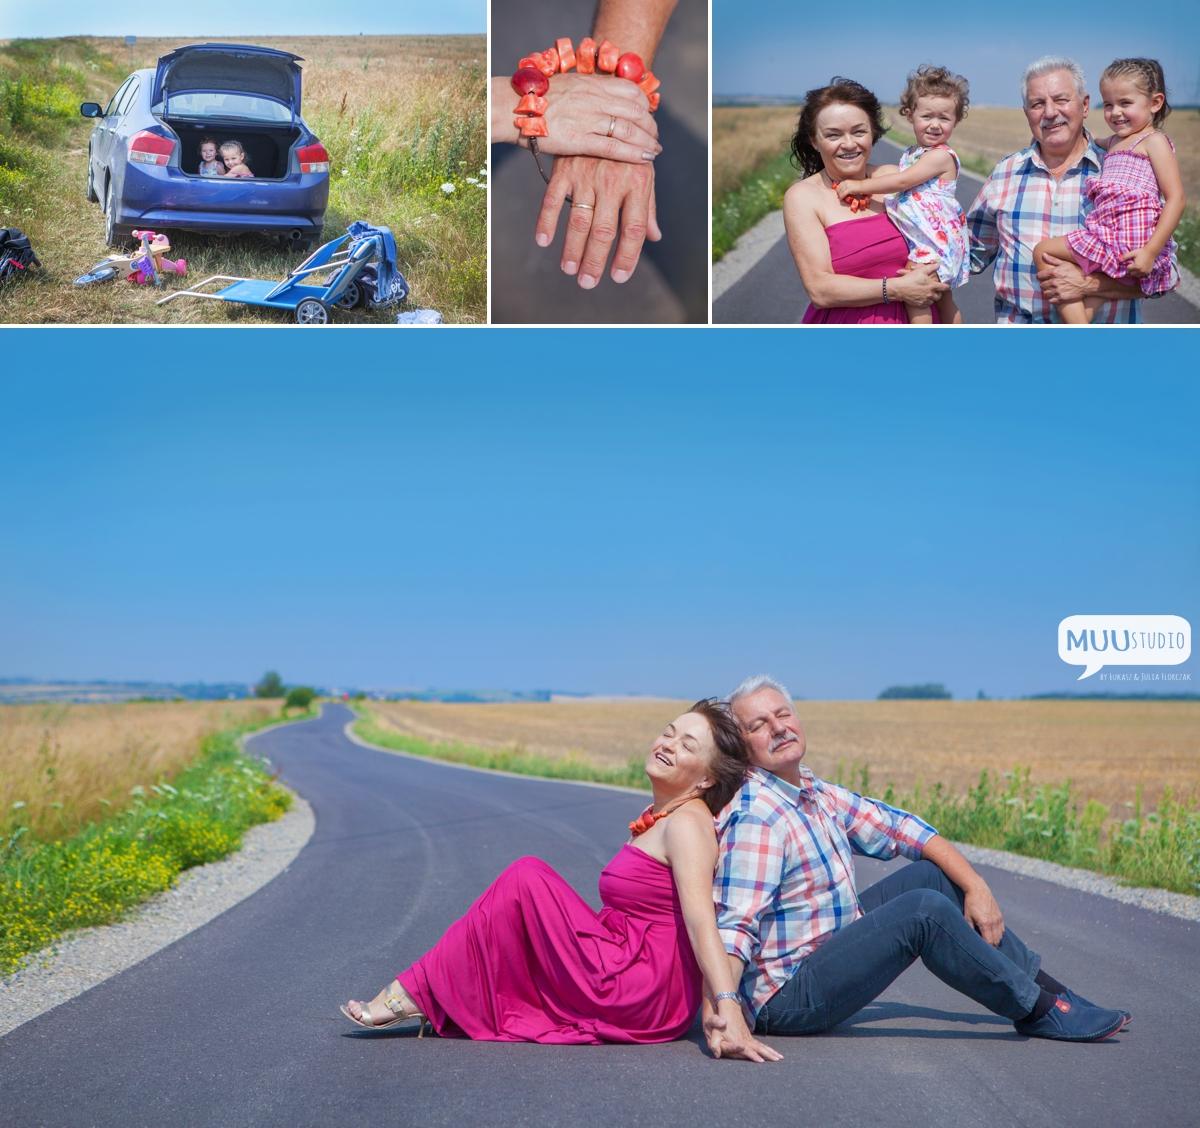 sesja zdjęciowa z okazji rocznicy ślubu